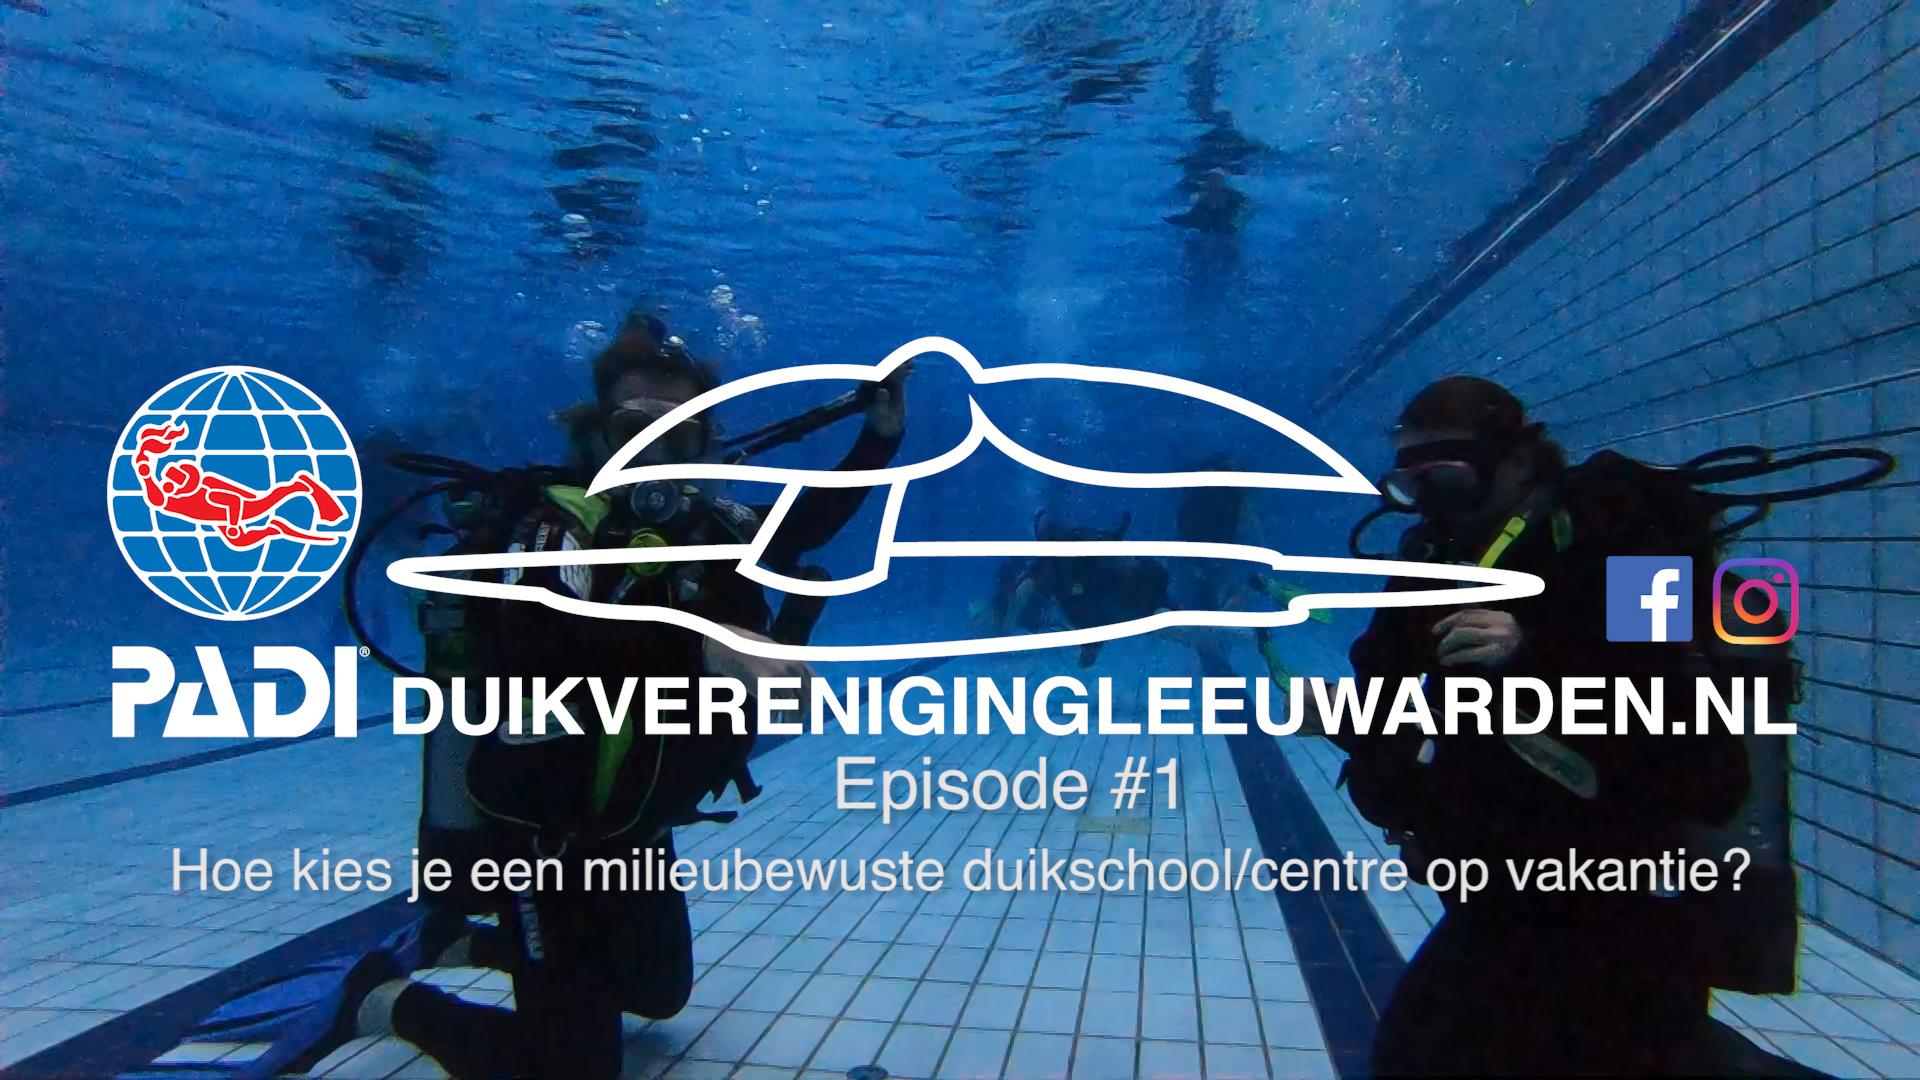 Hoe kies je een milieubewuste duikschool/centre voor je duikvakantie?